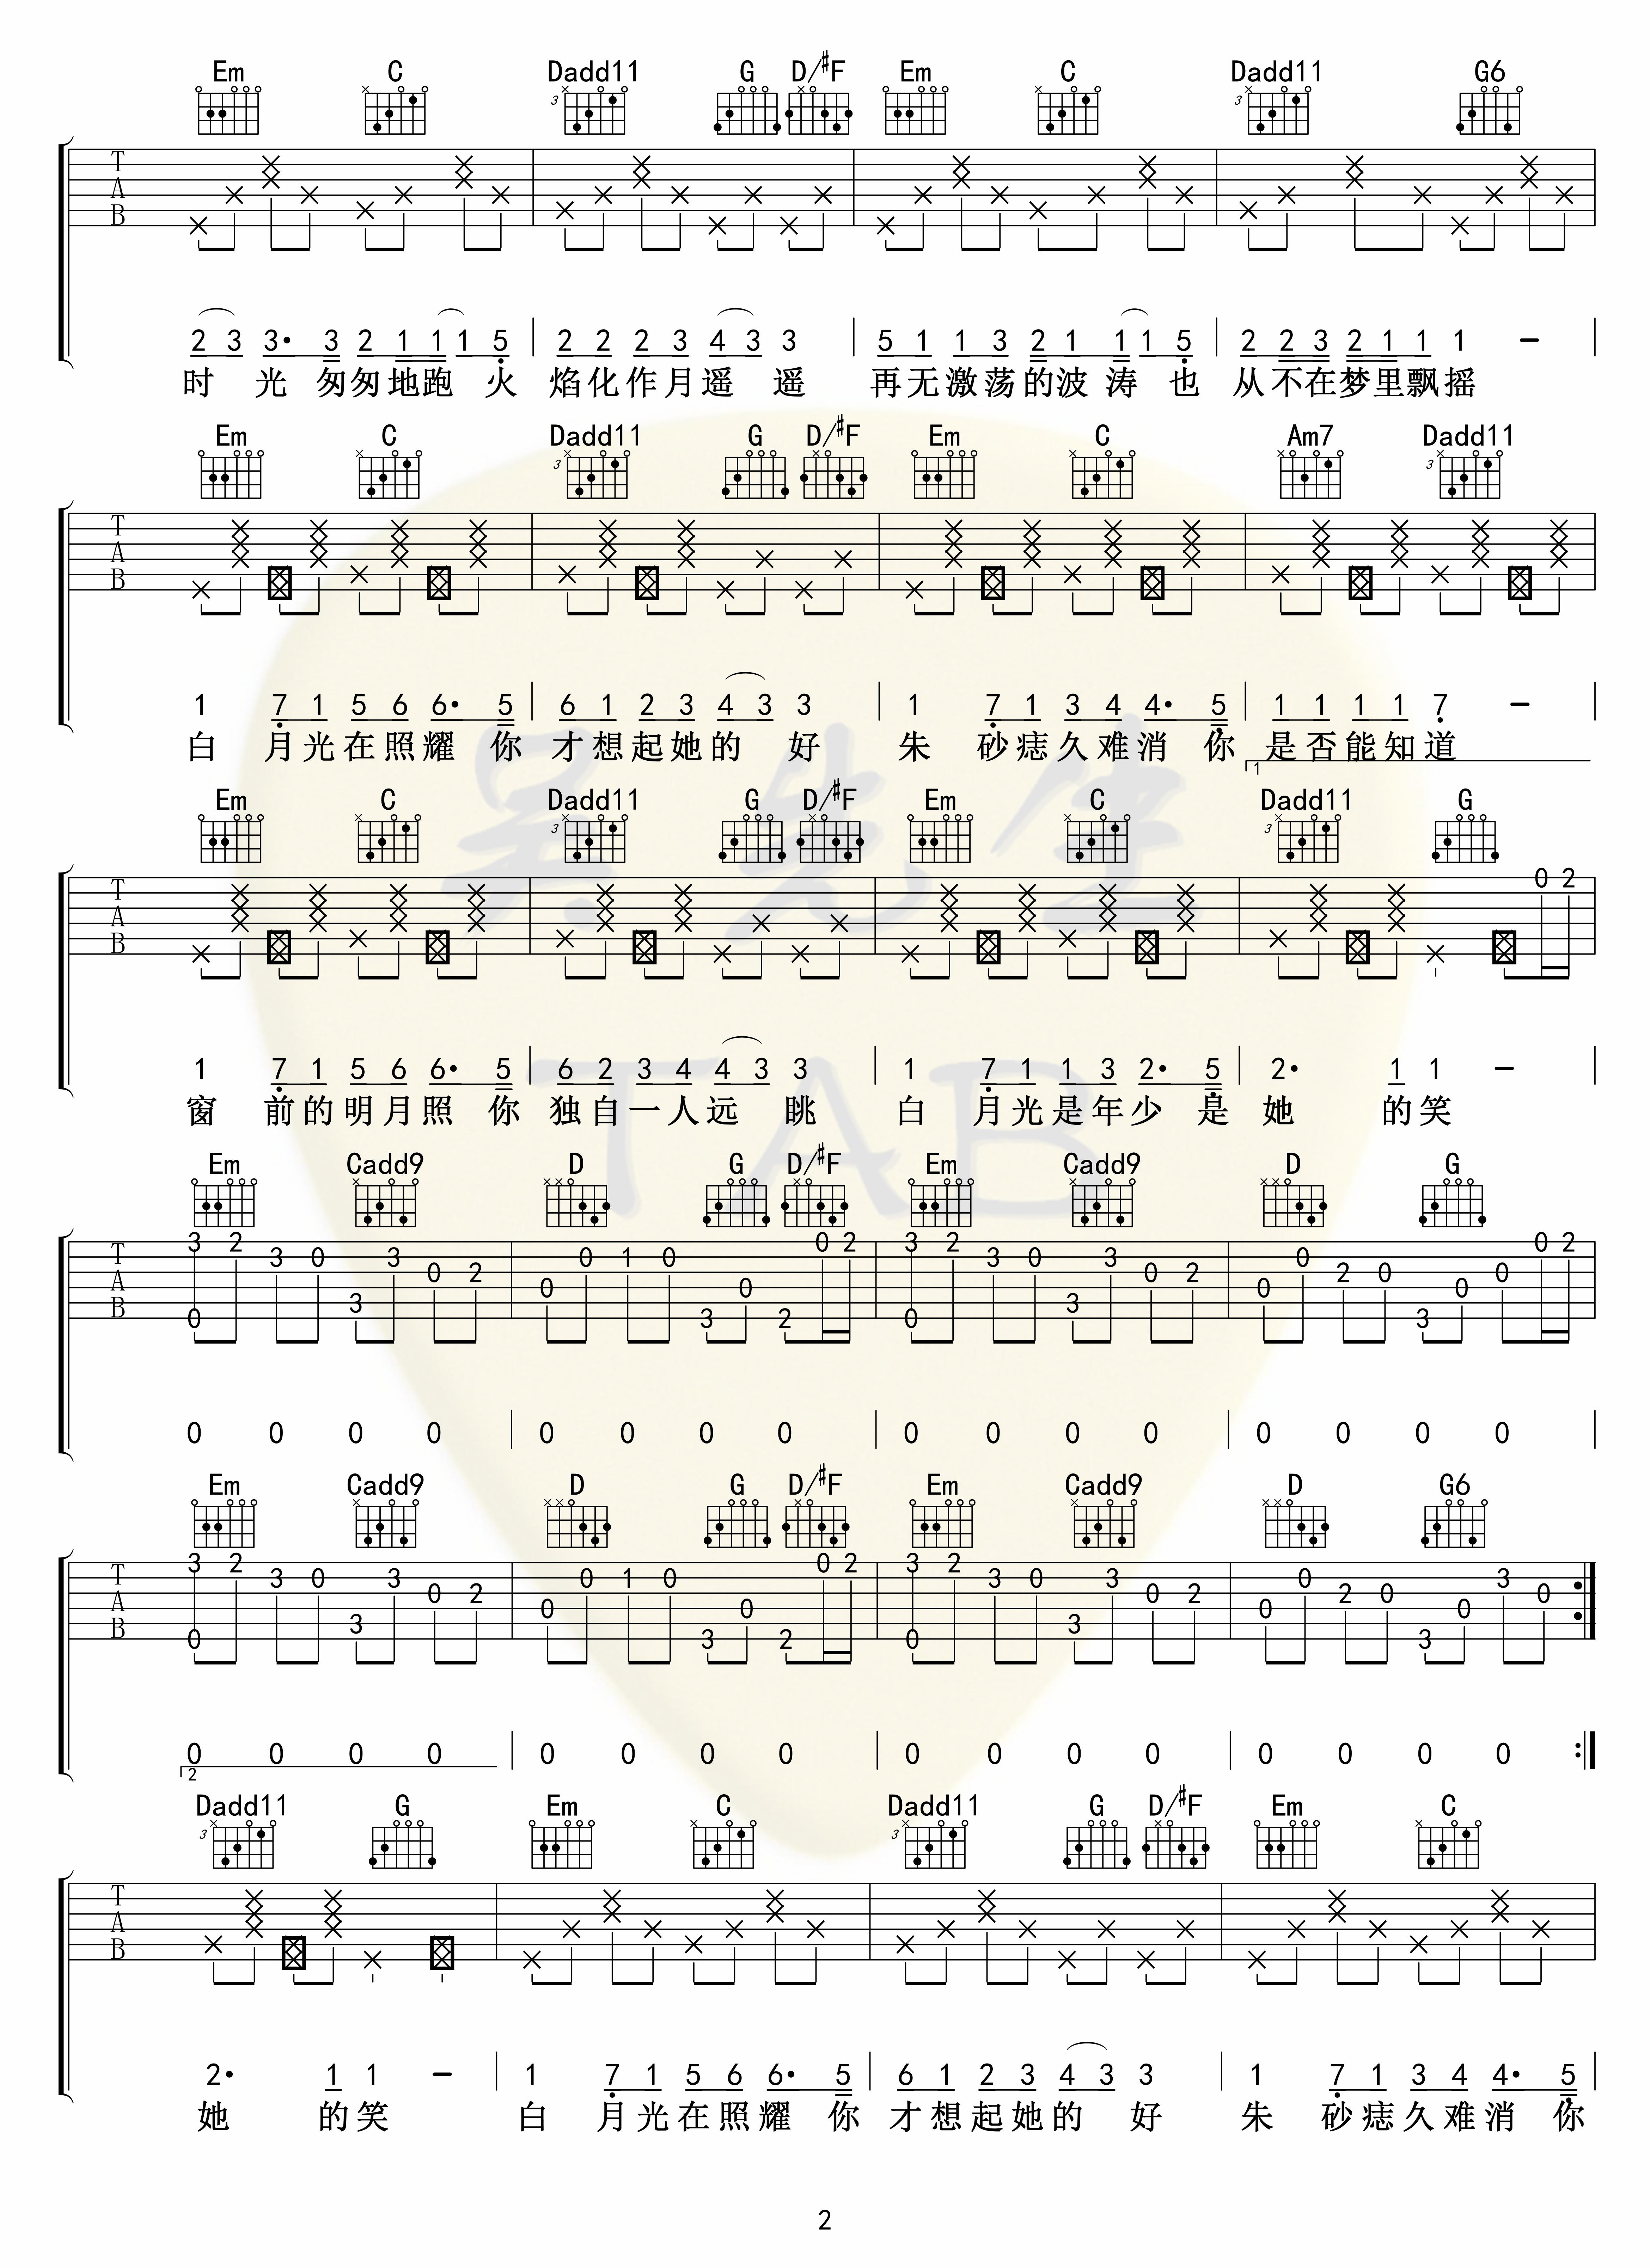 白月光与朱砂痣吉他谱(图片谱,弹唱)_大籽_白月光与朱砂痣02.jpg